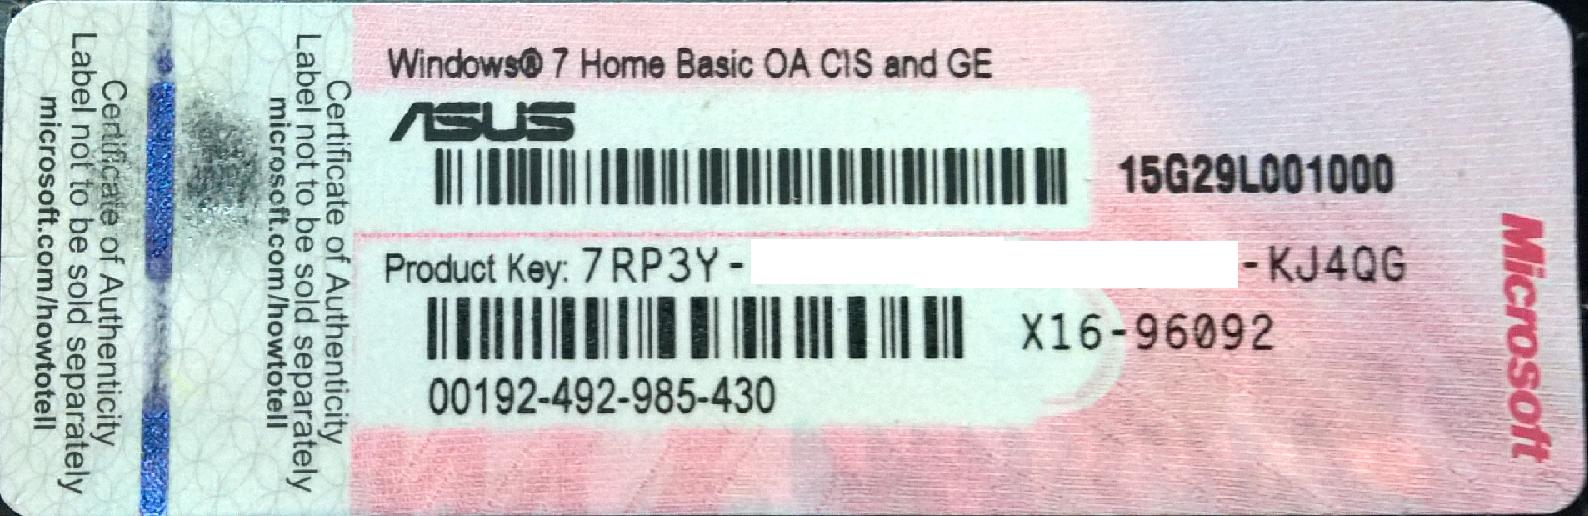 скачать windows 7 home basic oa cis and ge лицензия